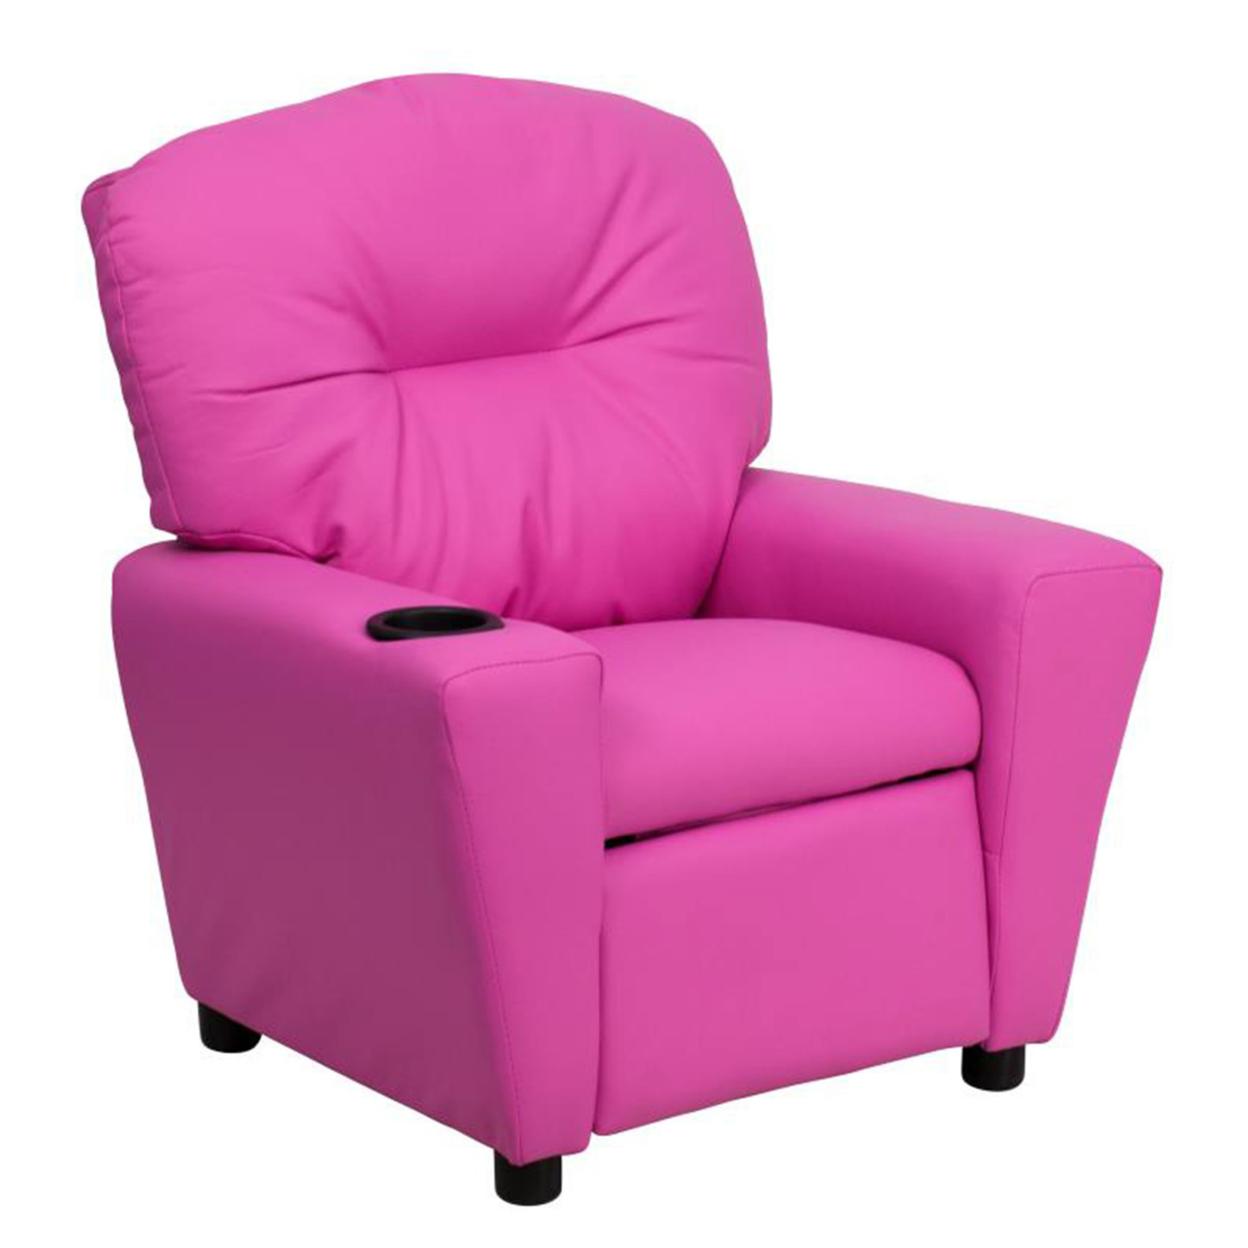 Flash Furniture Contemporary Hot Pink Vinyl Kids Recliner with Cup Holder [863-Bt-7950-Kid-Hot-Pink-Gg] 59e4600de2246142ce45d026